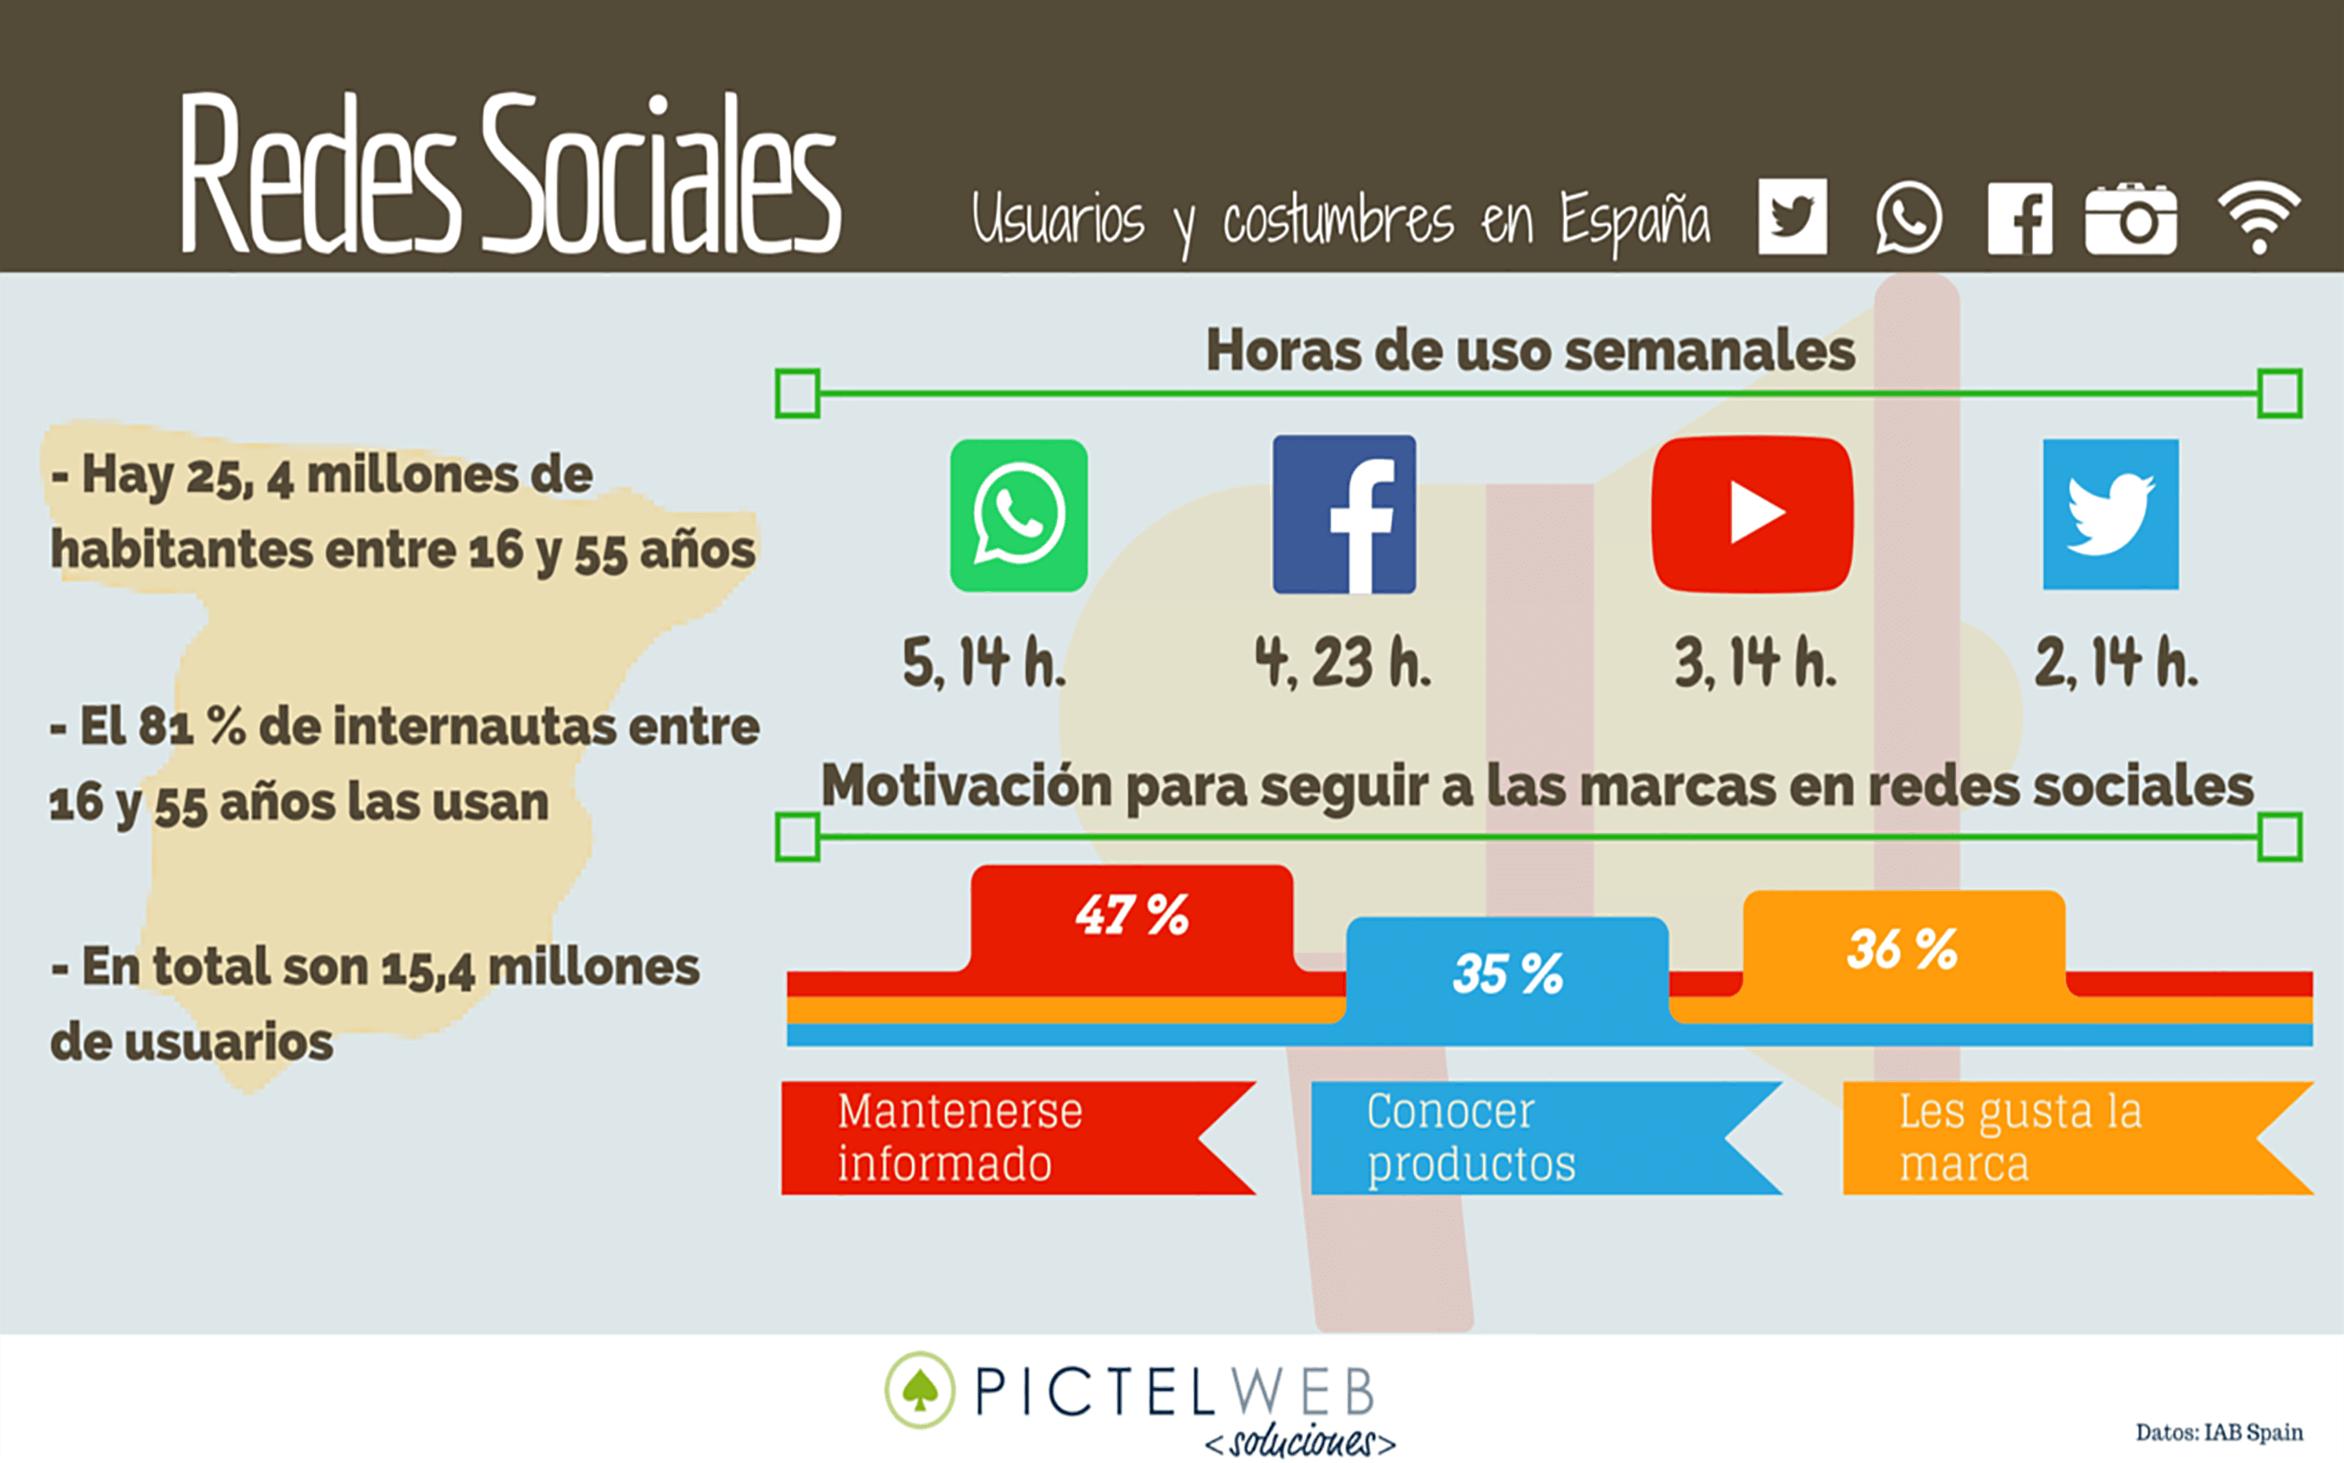 [Infografía] Redes Sociales, usuarios y costumbres en nuestro país